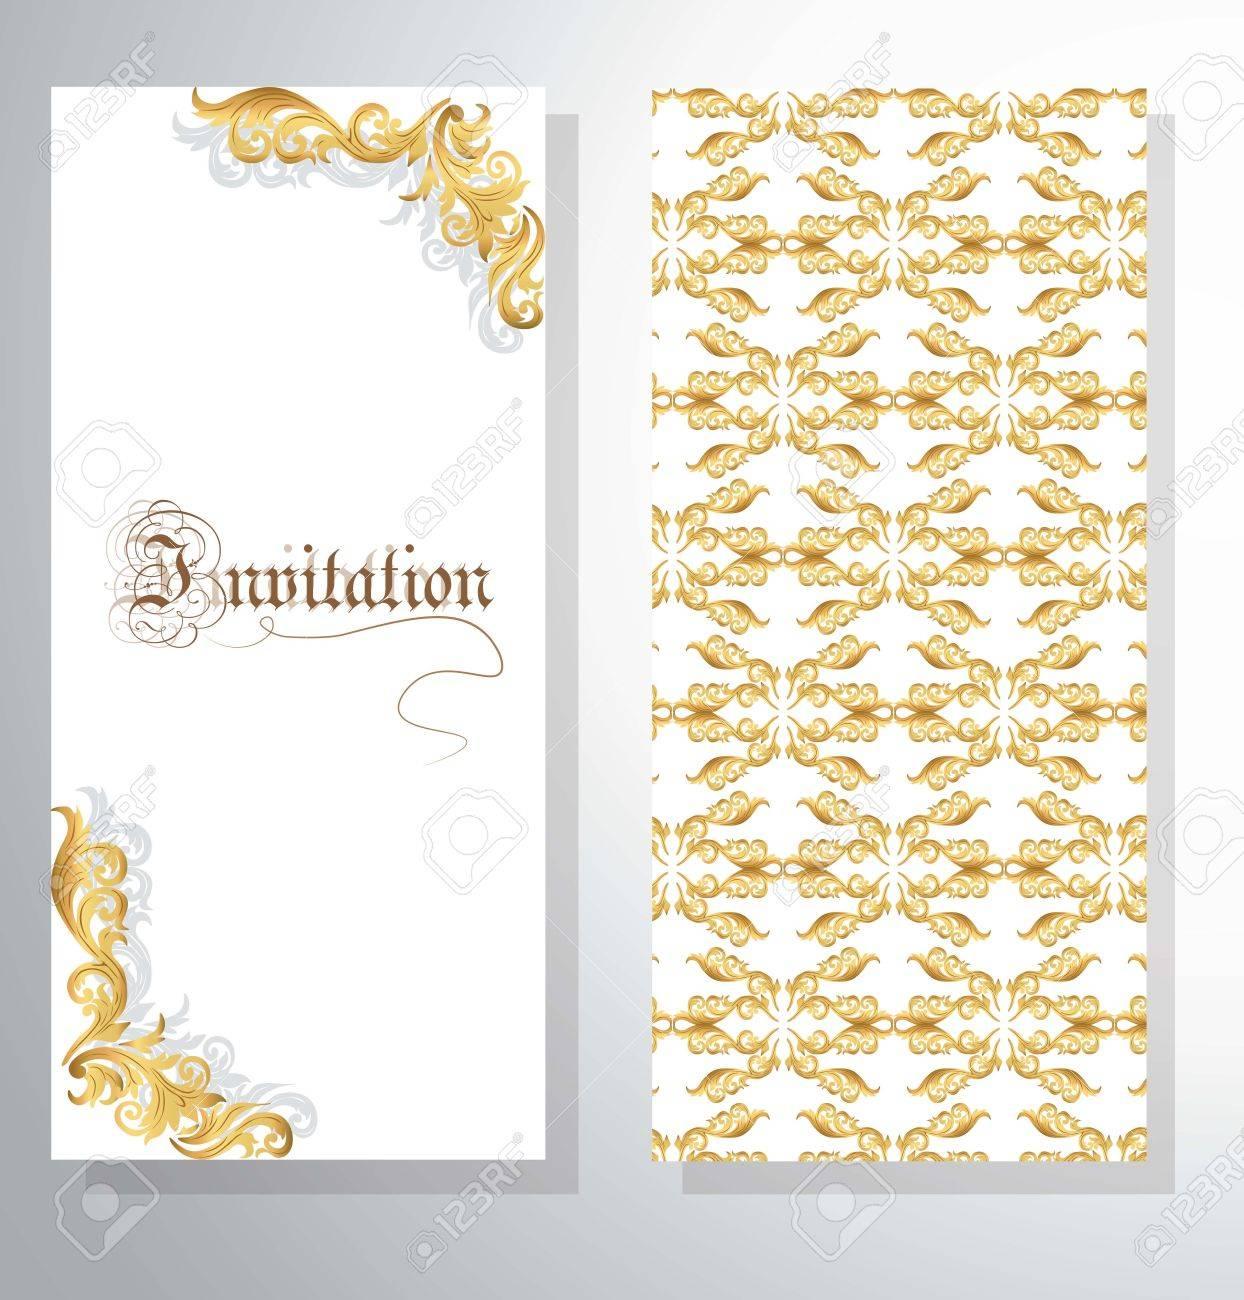 Tarjeta De Invitación Con El Modelo Ornamento De Oro Para Bodas Ceremonias Partido Código De Vestimenta Certificados Vector